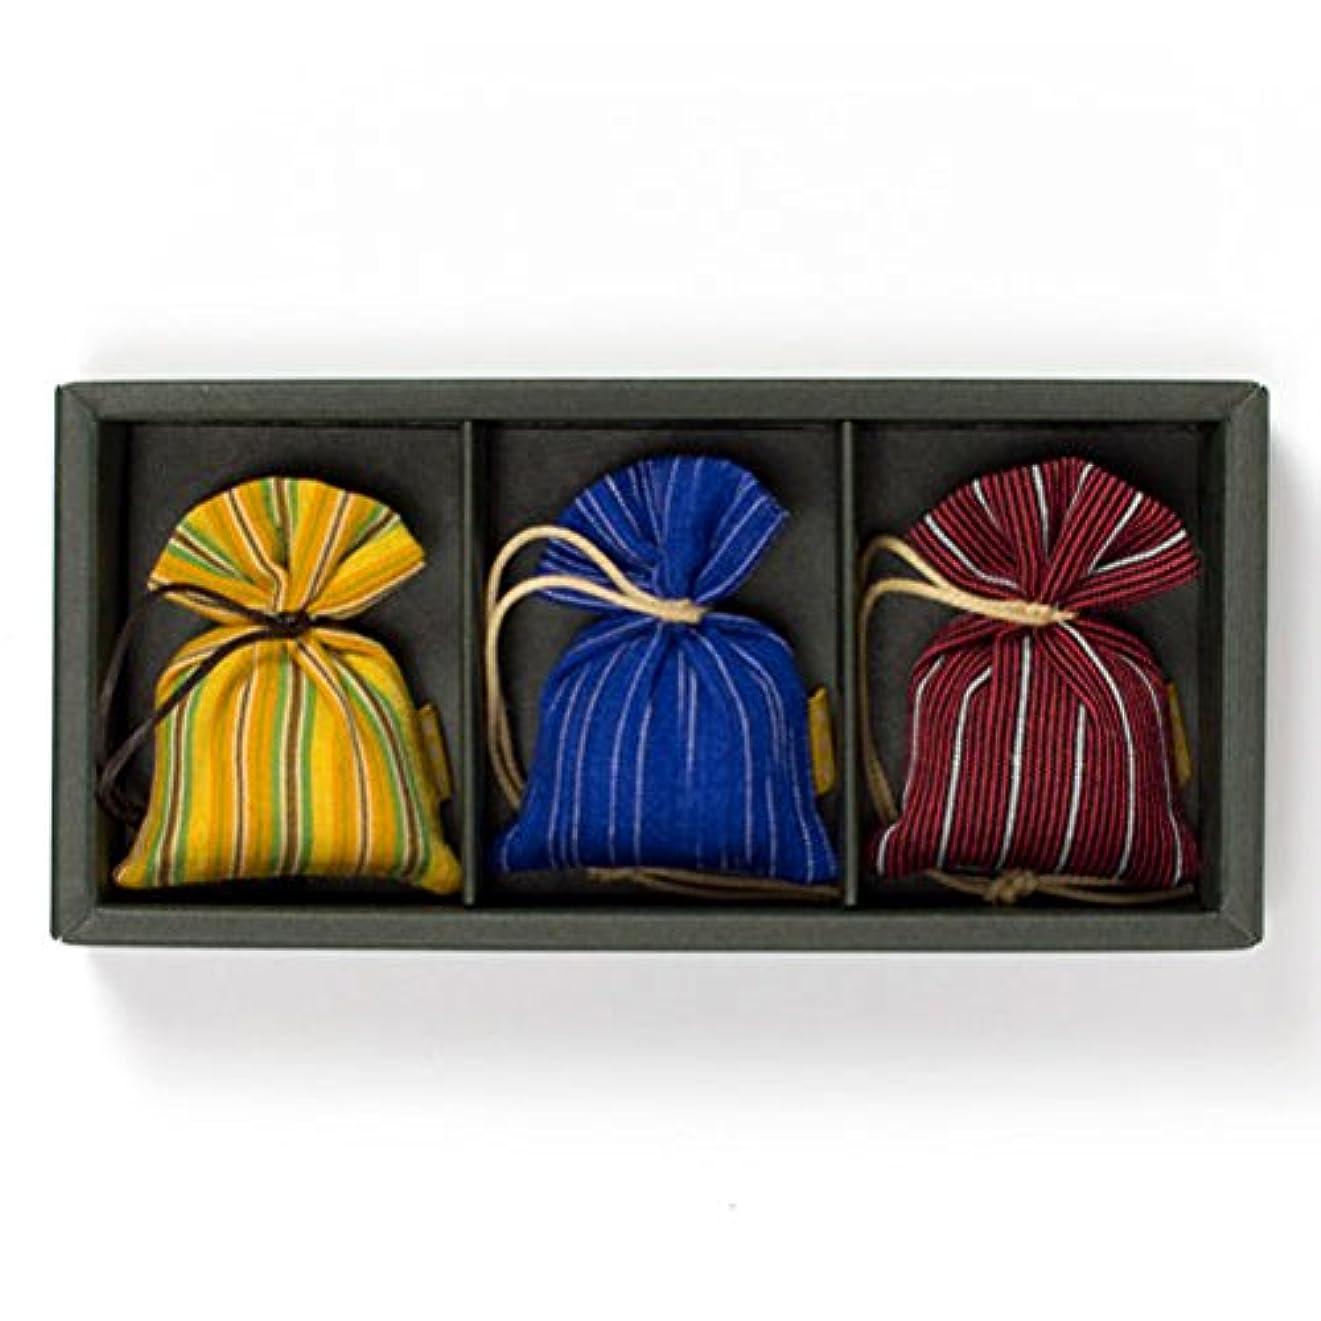 ガラス追い払う異なる匂い袋 誰が袖 ルリック(縞) 3個入 松栄堂 Shoyeido 本体長さ60mm (色?柄は選べません)